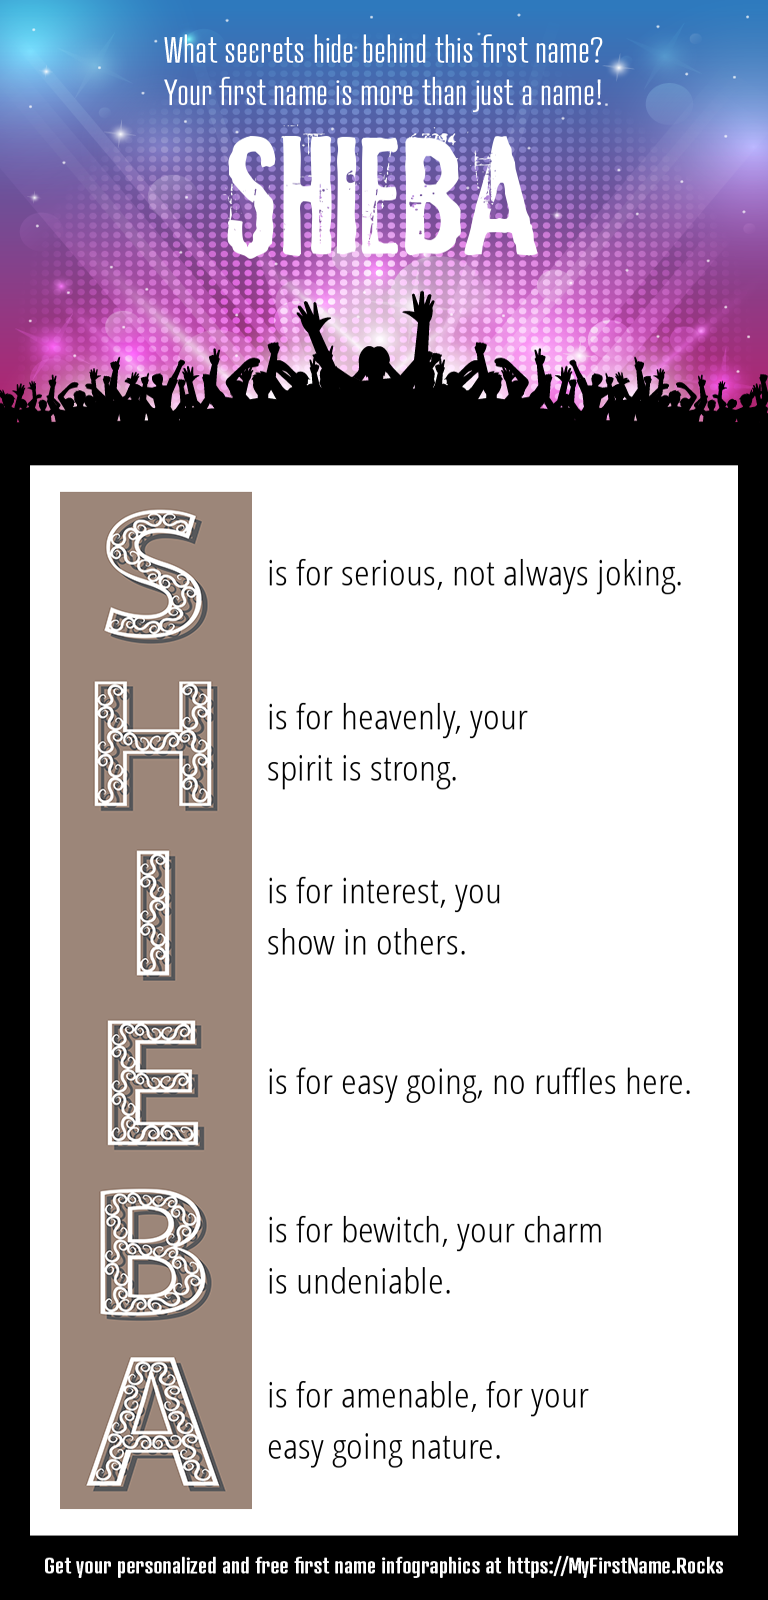 Shieba Infographics